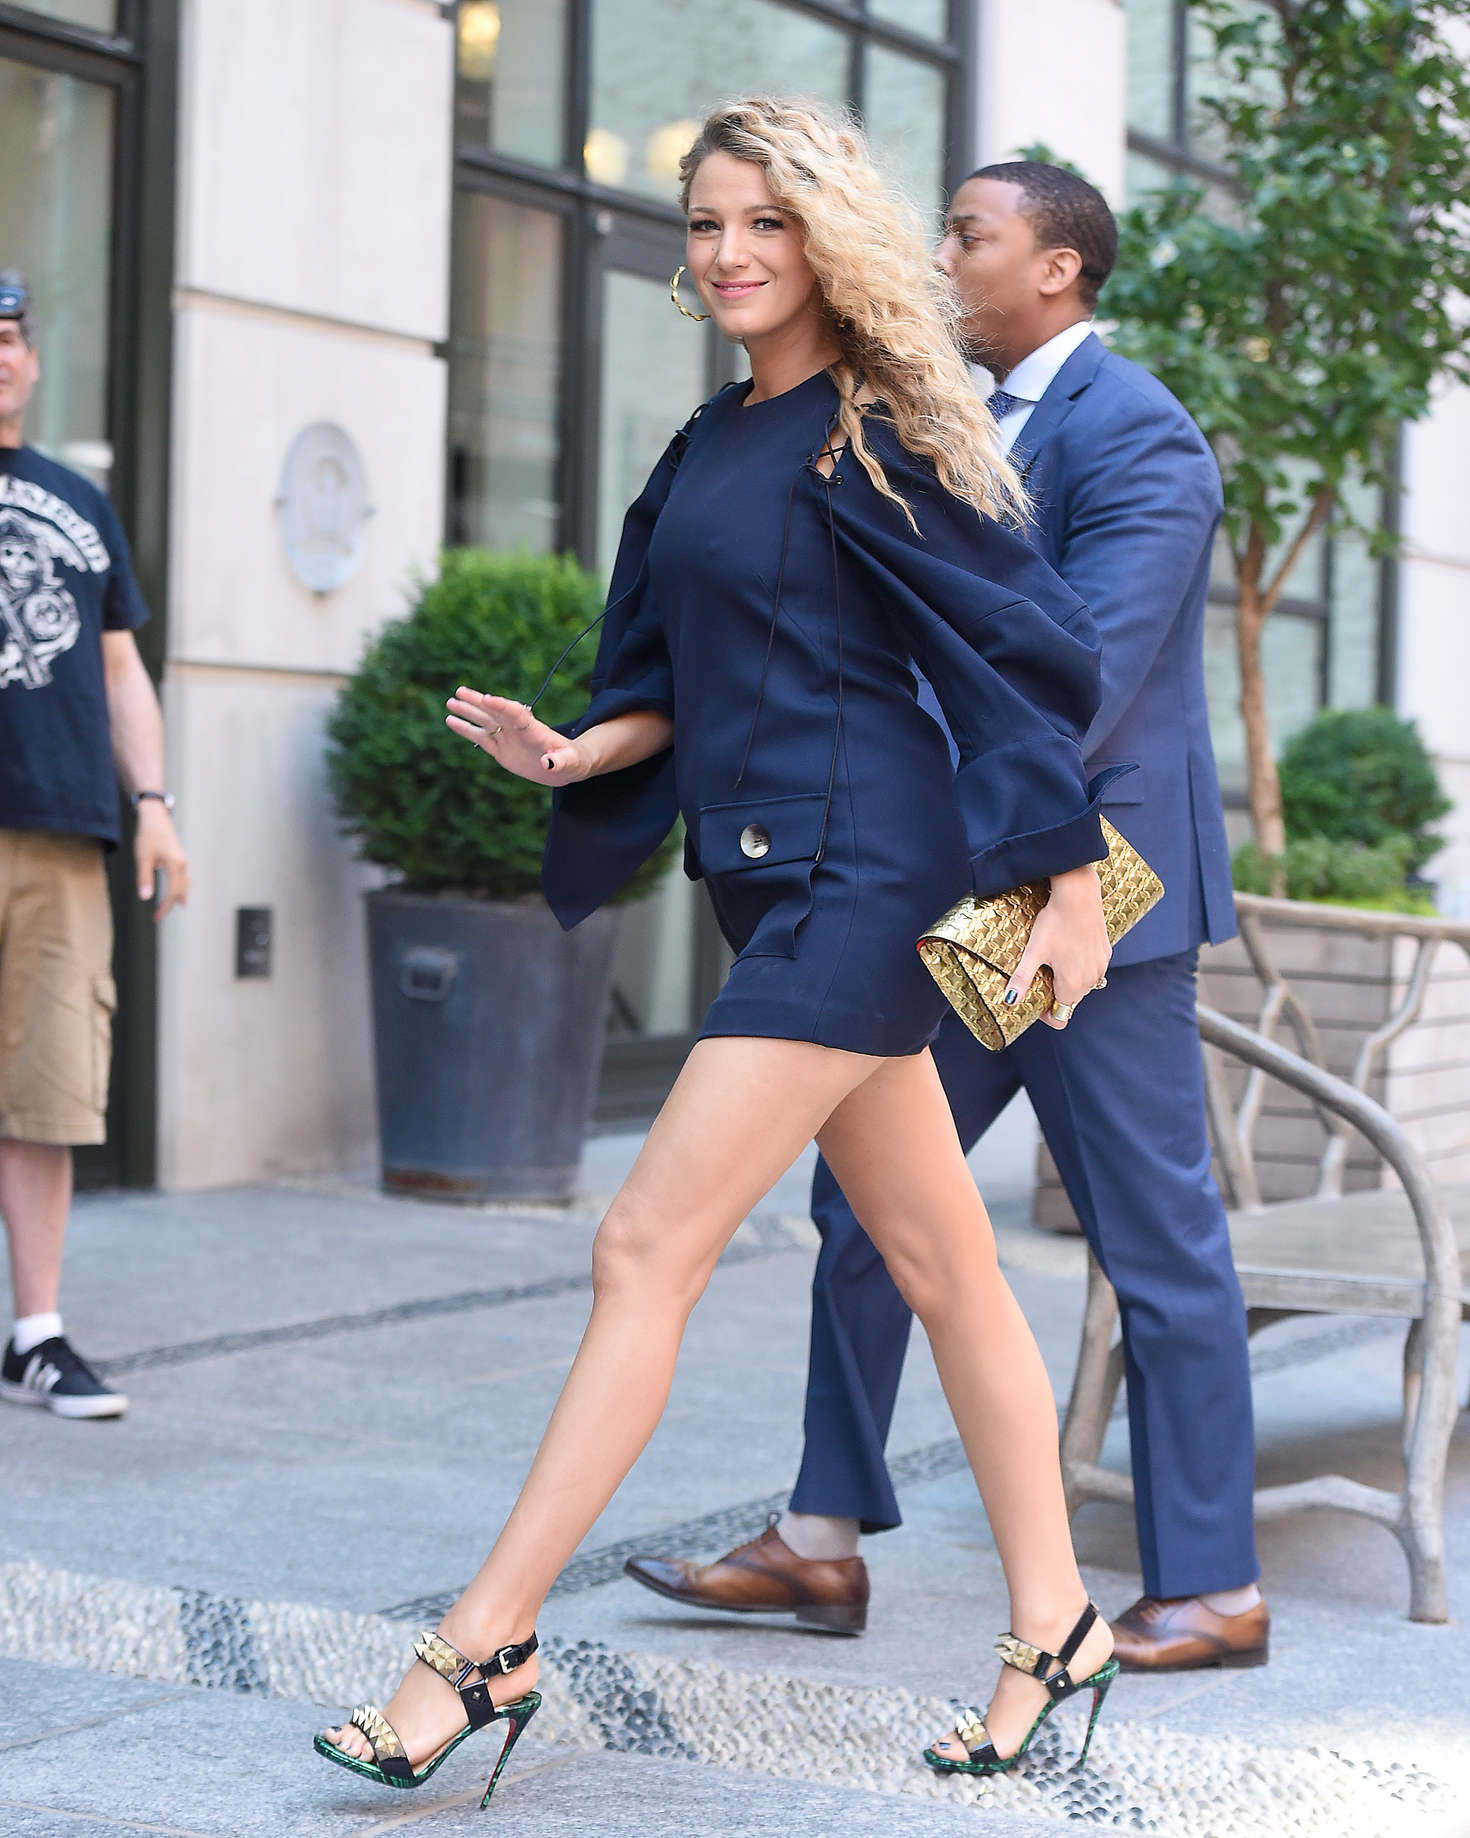 Blake Lively 2016 : Blake Lively in Short Blue Dress -01